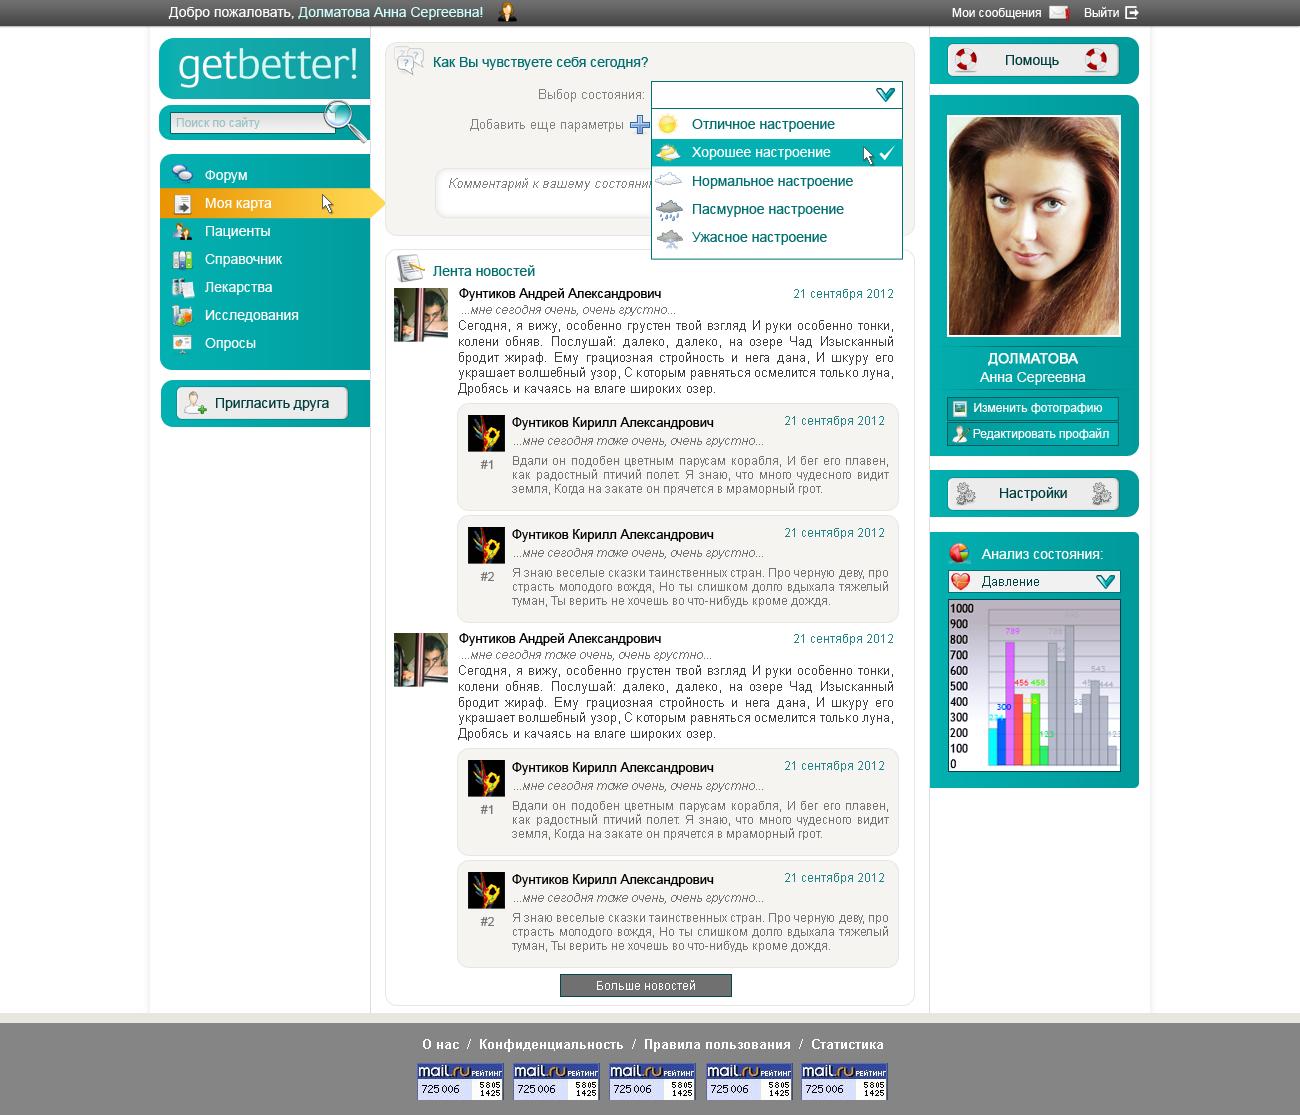 Социальная сеть для пациентов ищет дизайнера фото f_505cc43b82870.jpg